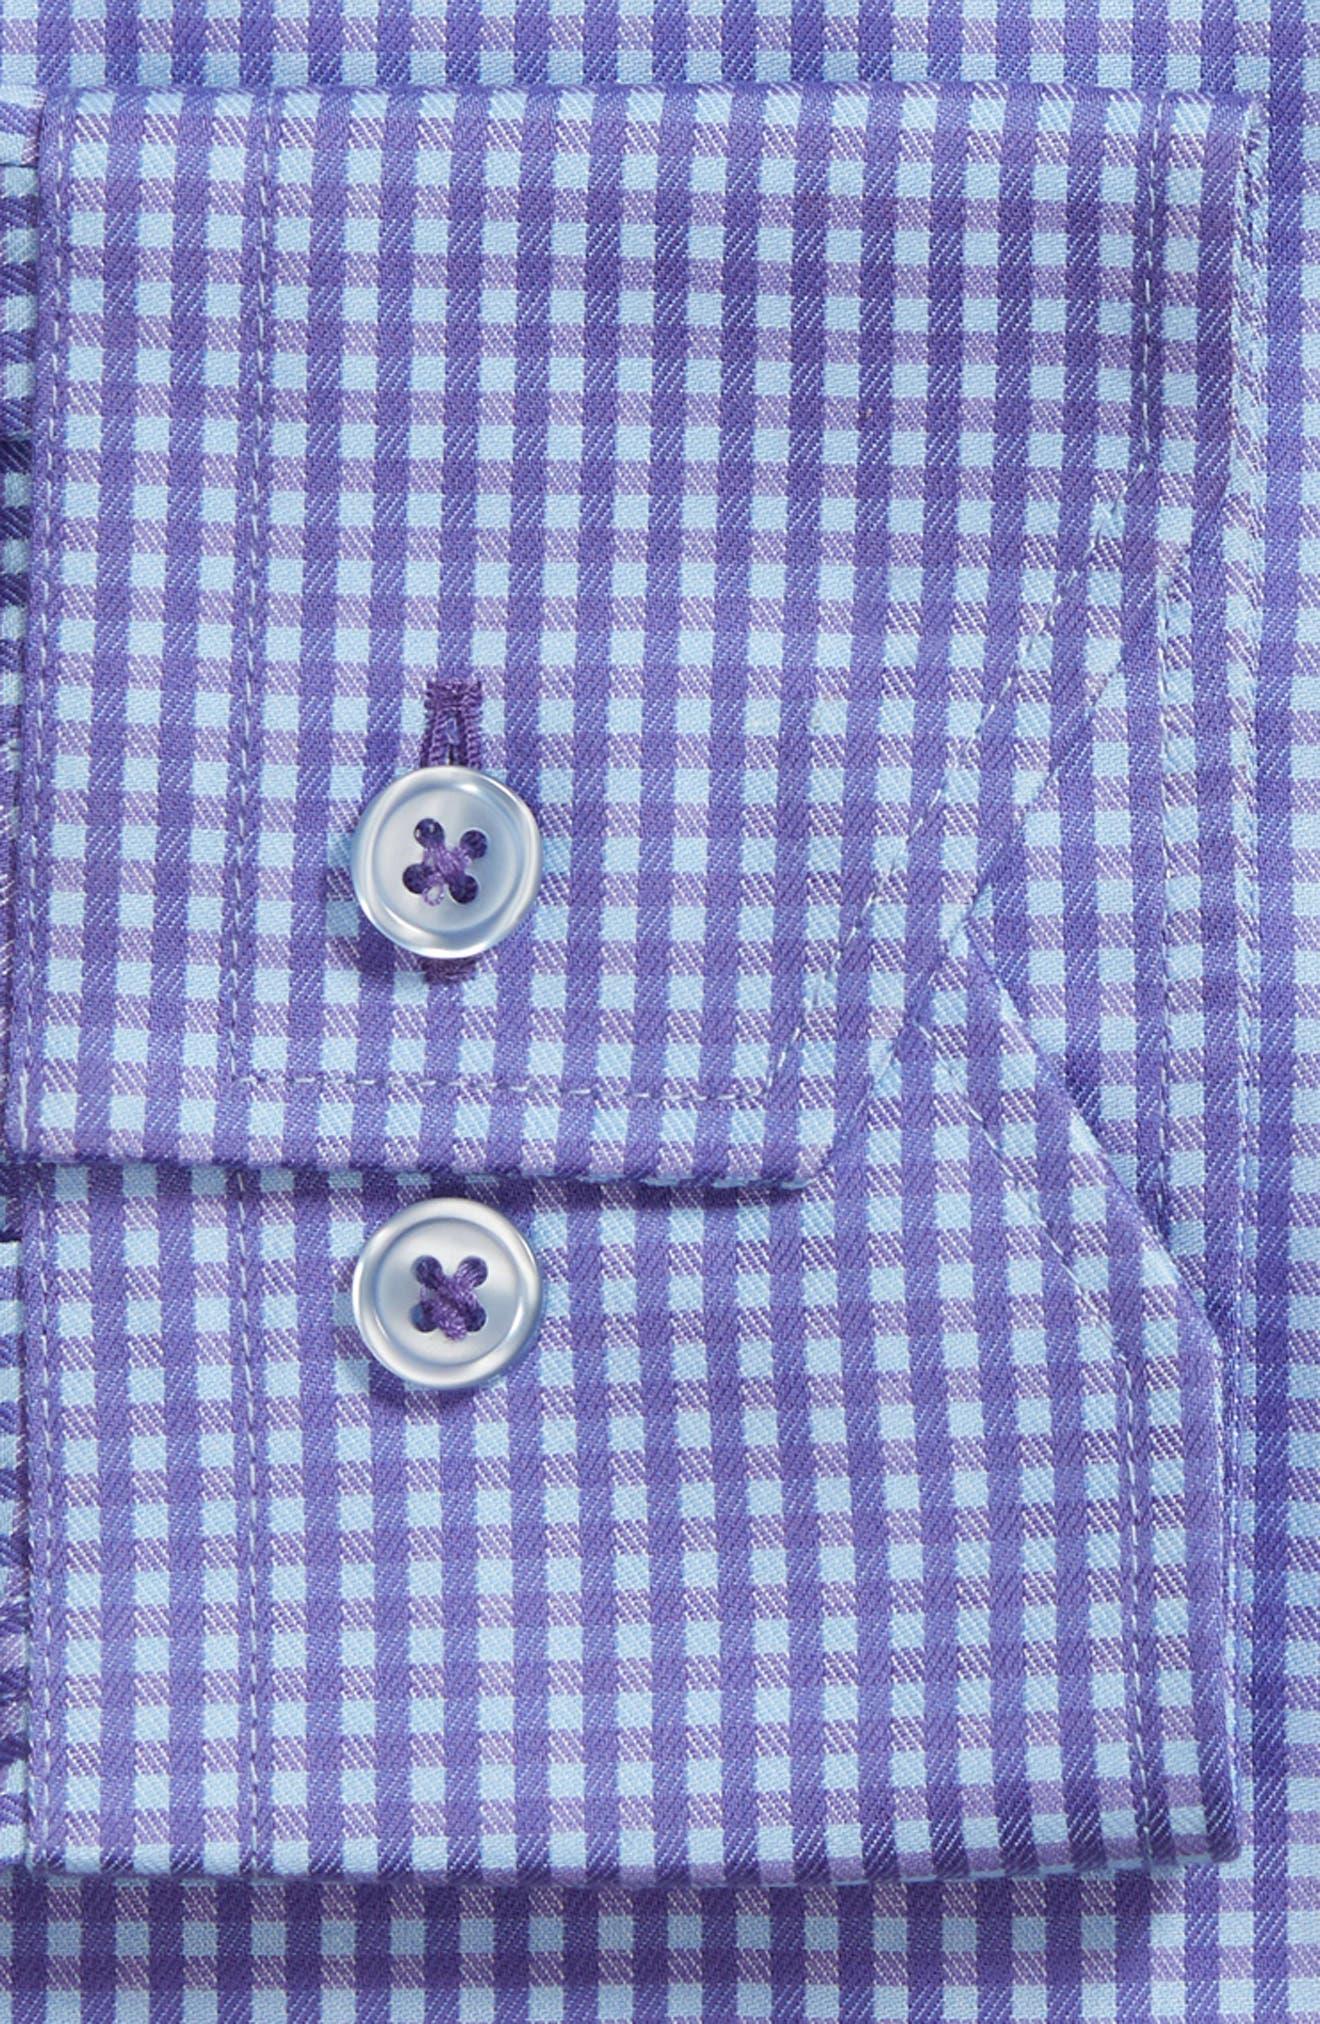 Trim Fit Mini Check Dress Shirt,                             Alternate thumbnail 6, color,                             PURPLE